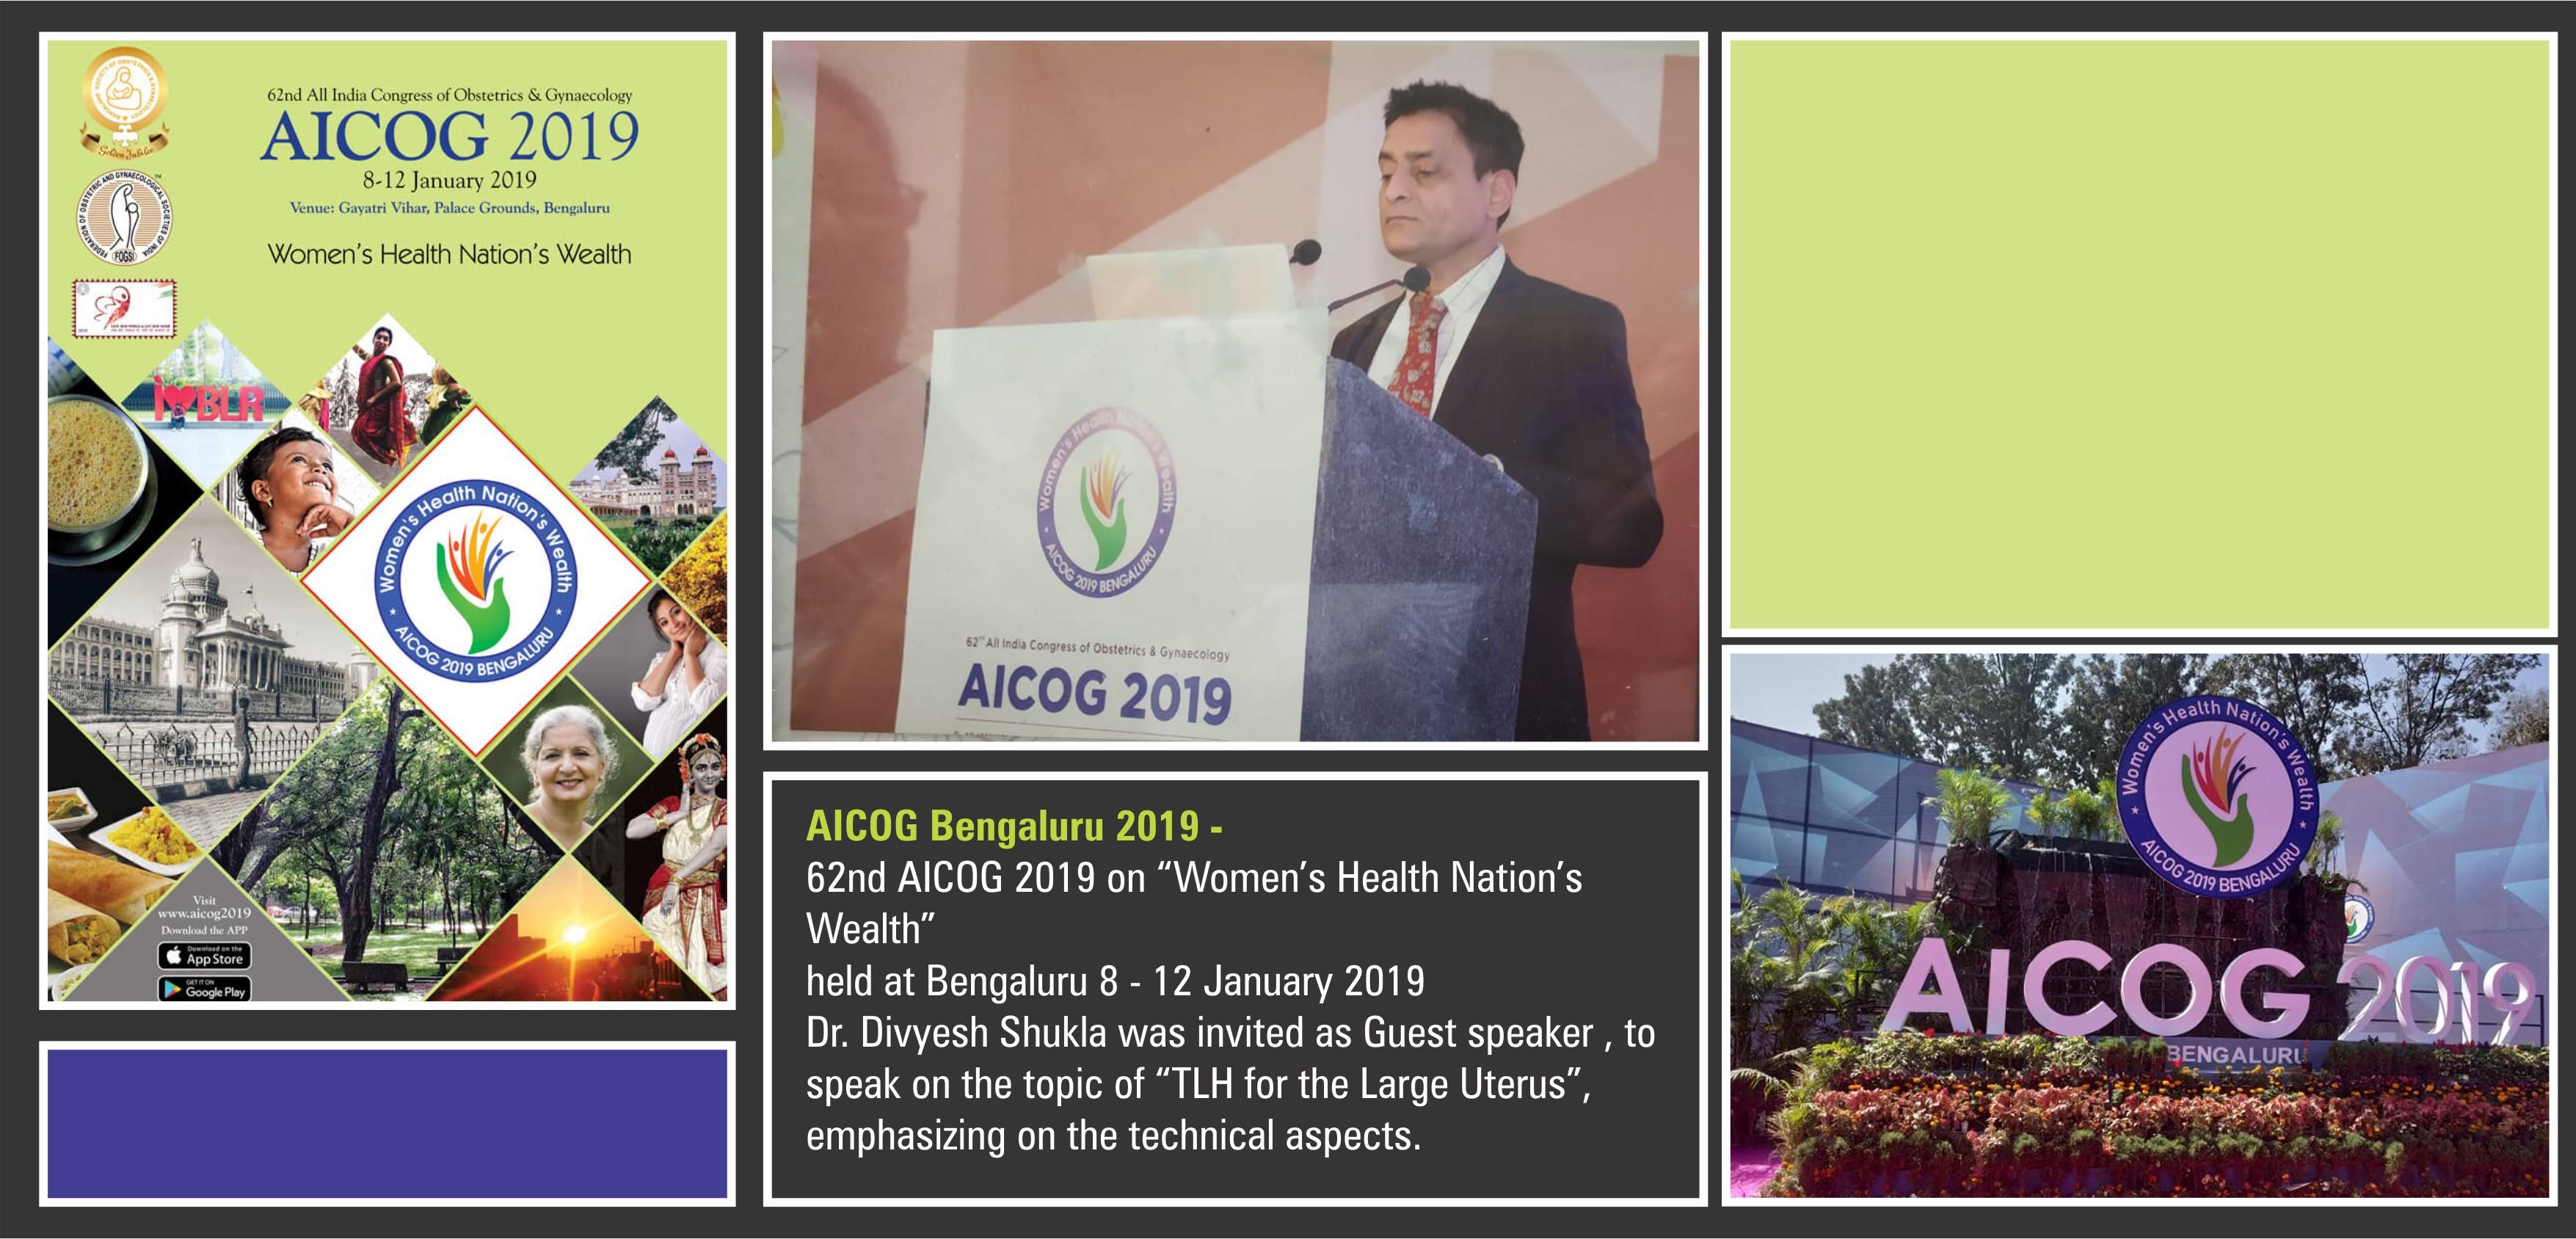 AICOG2019-10-11Jan-Bengaluru-DS